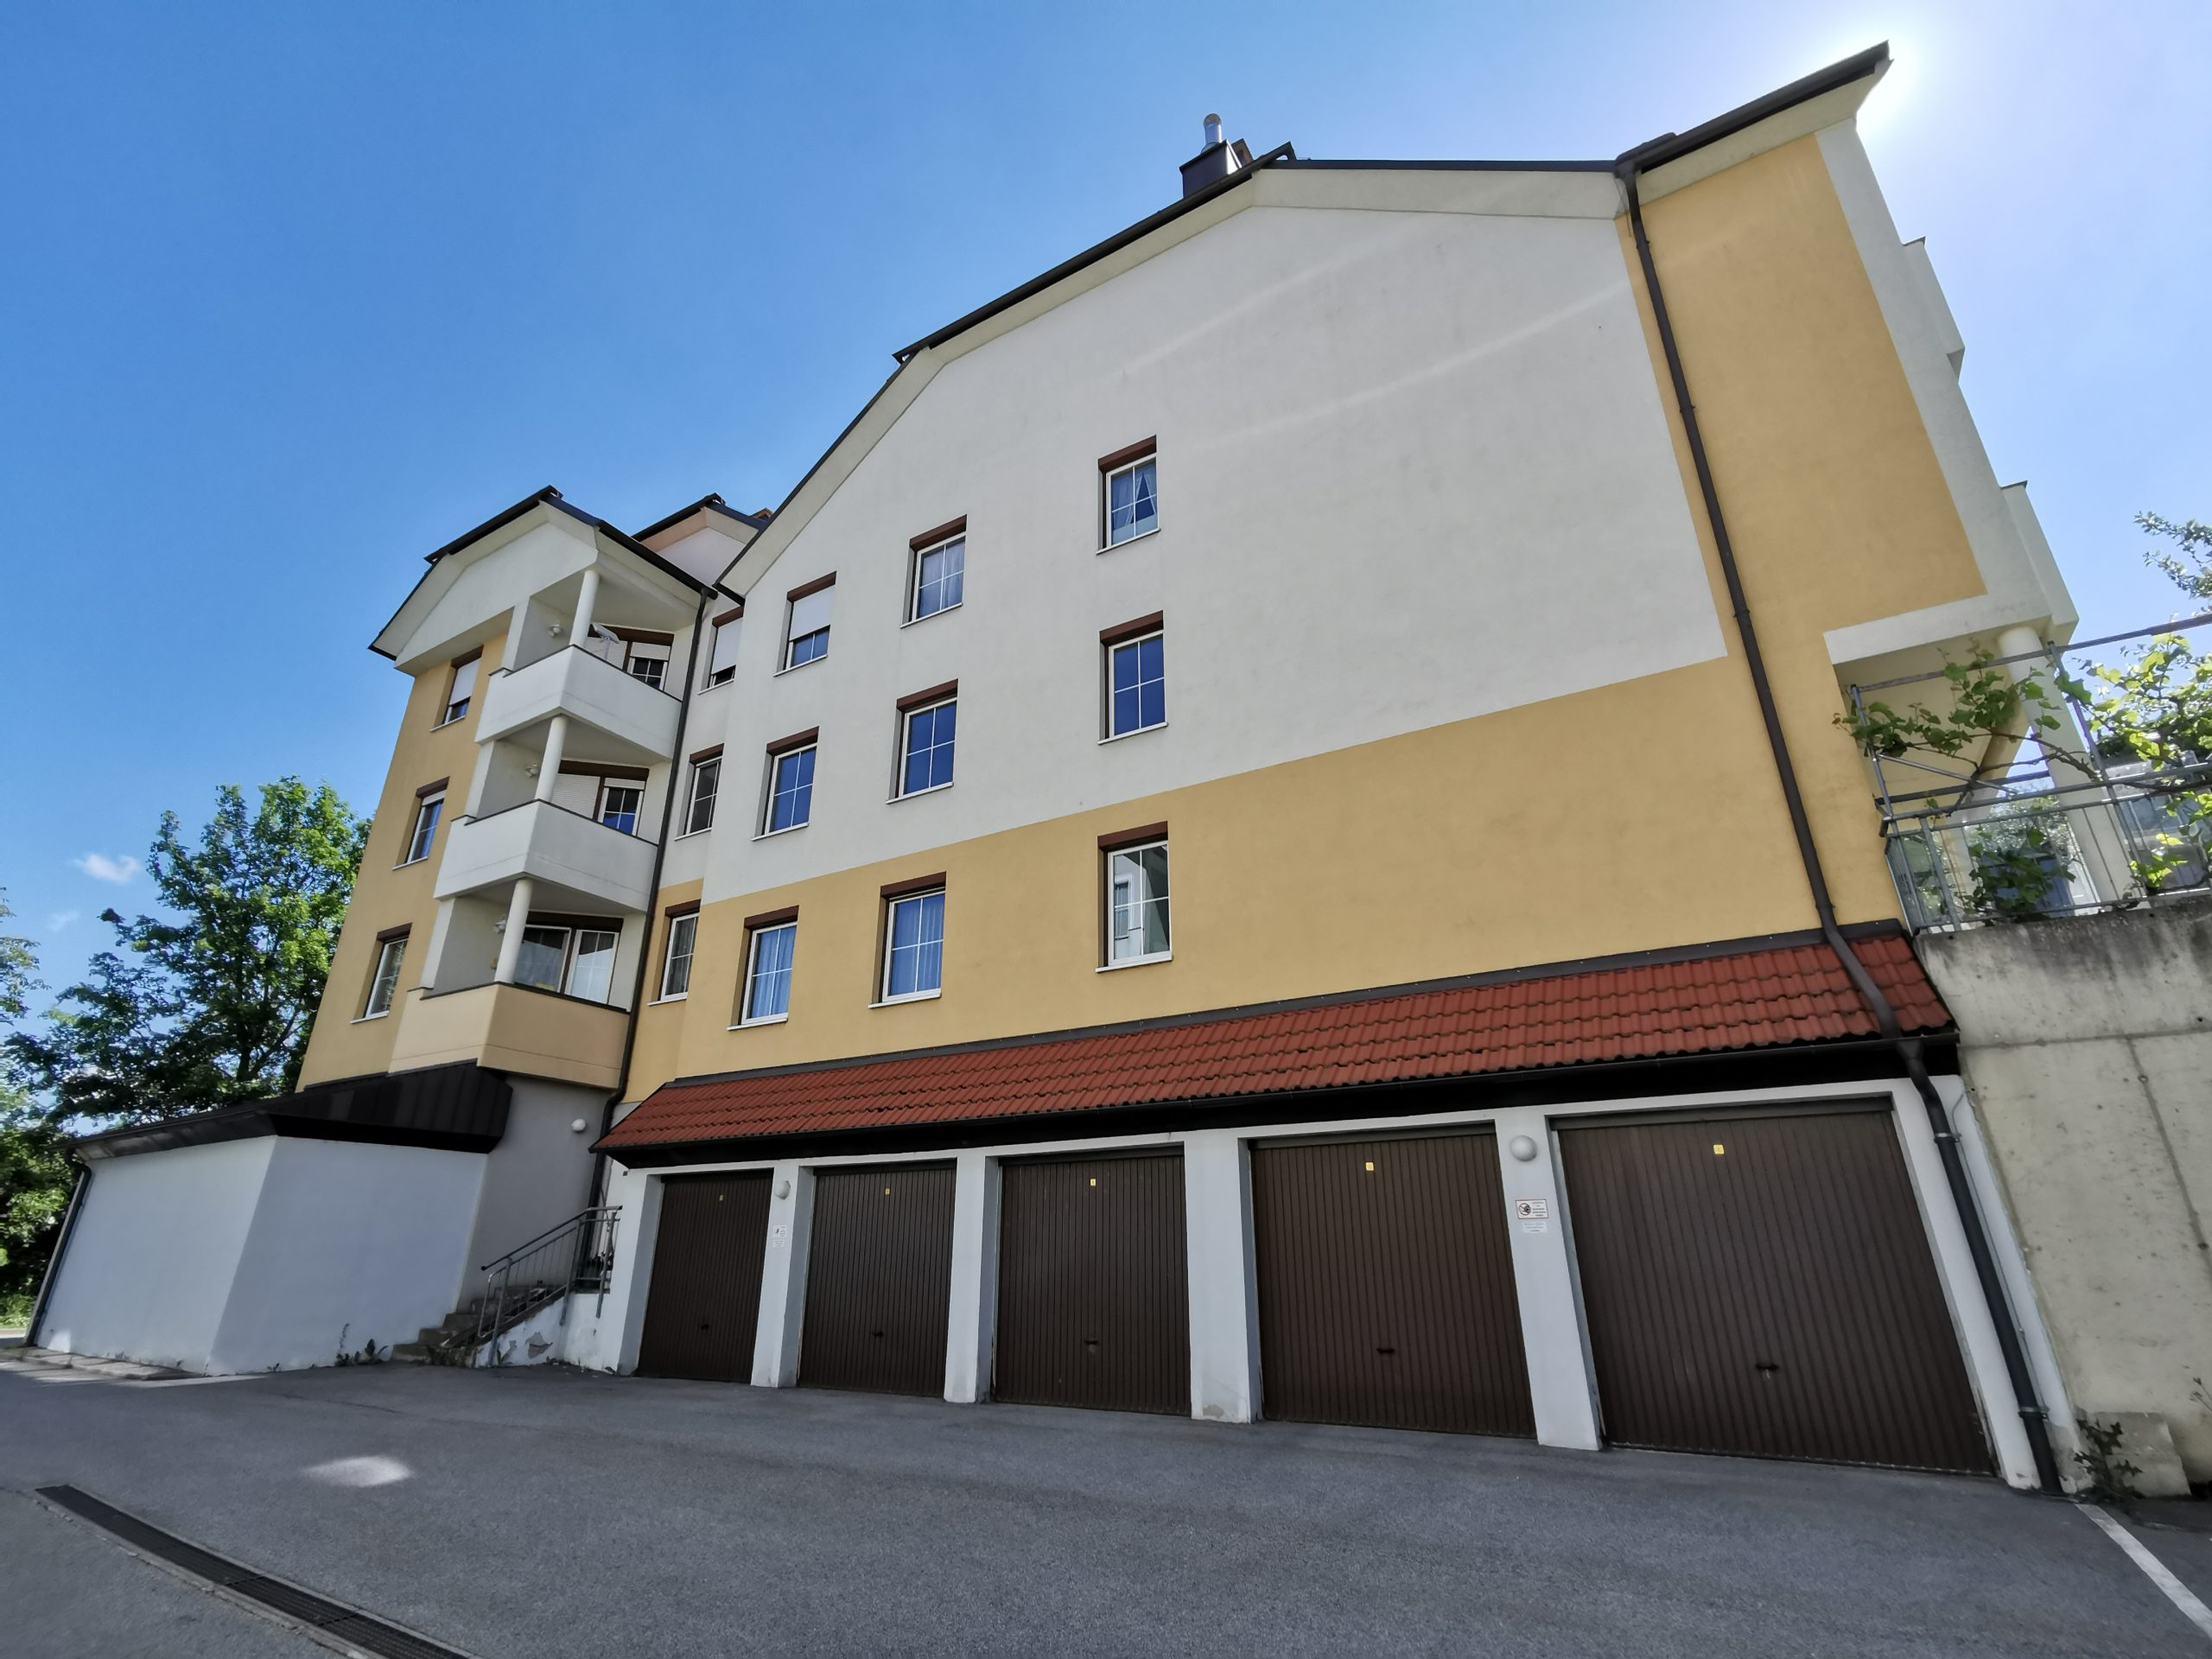 Immobilie von Kamptal in 3730 Eggenburg, Horn, Eggenburg III/4 - Top 5 #3